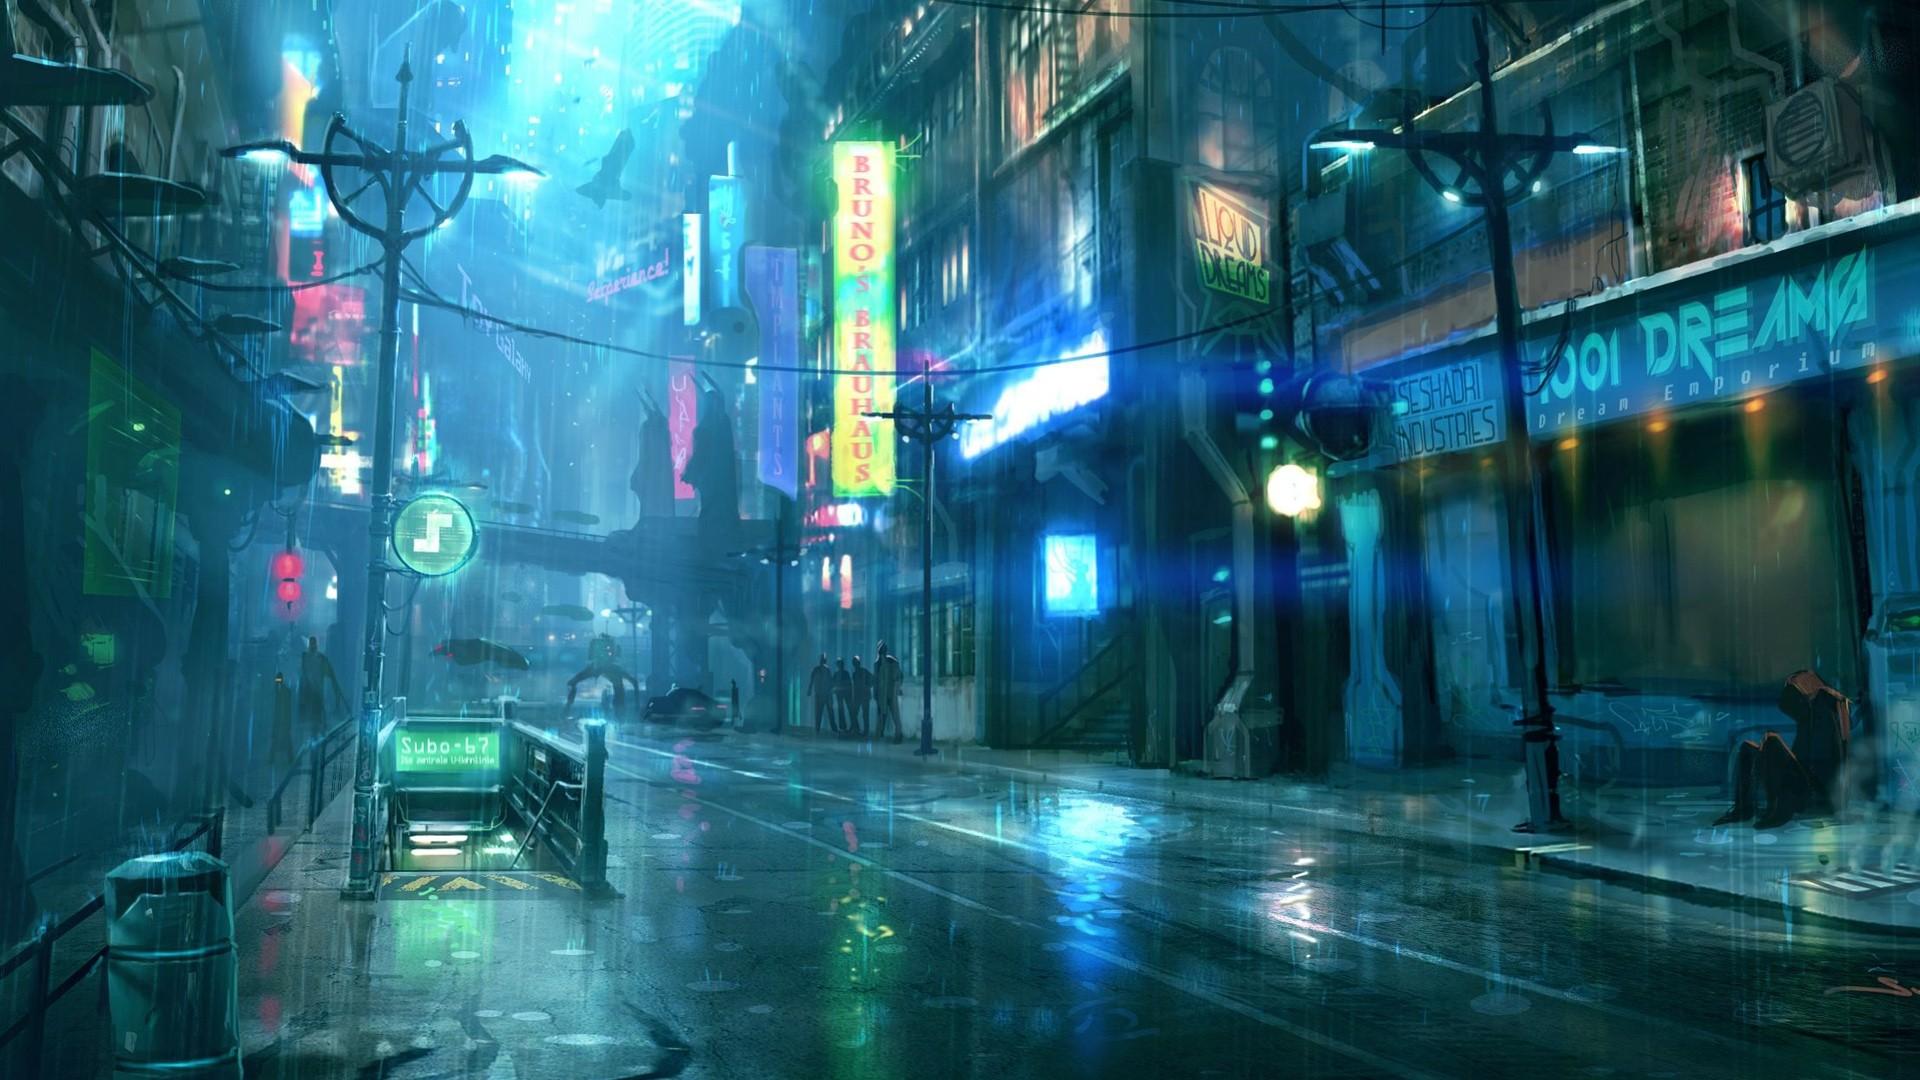 Cyberpunk City Art wallpaper for computer